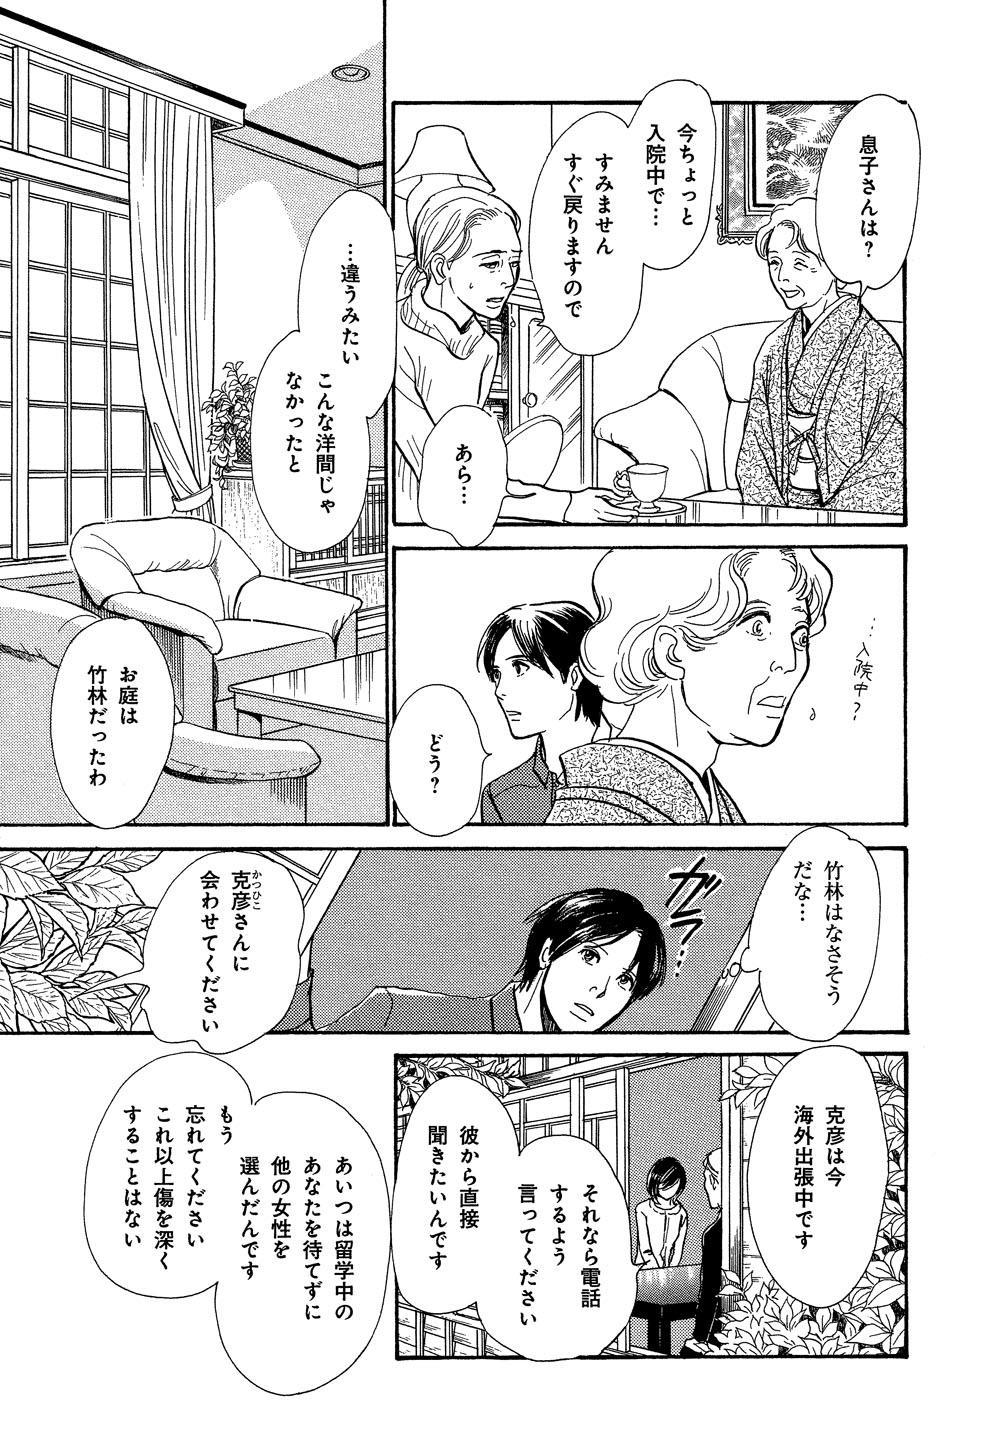 hyakki_0021_0025.jpg